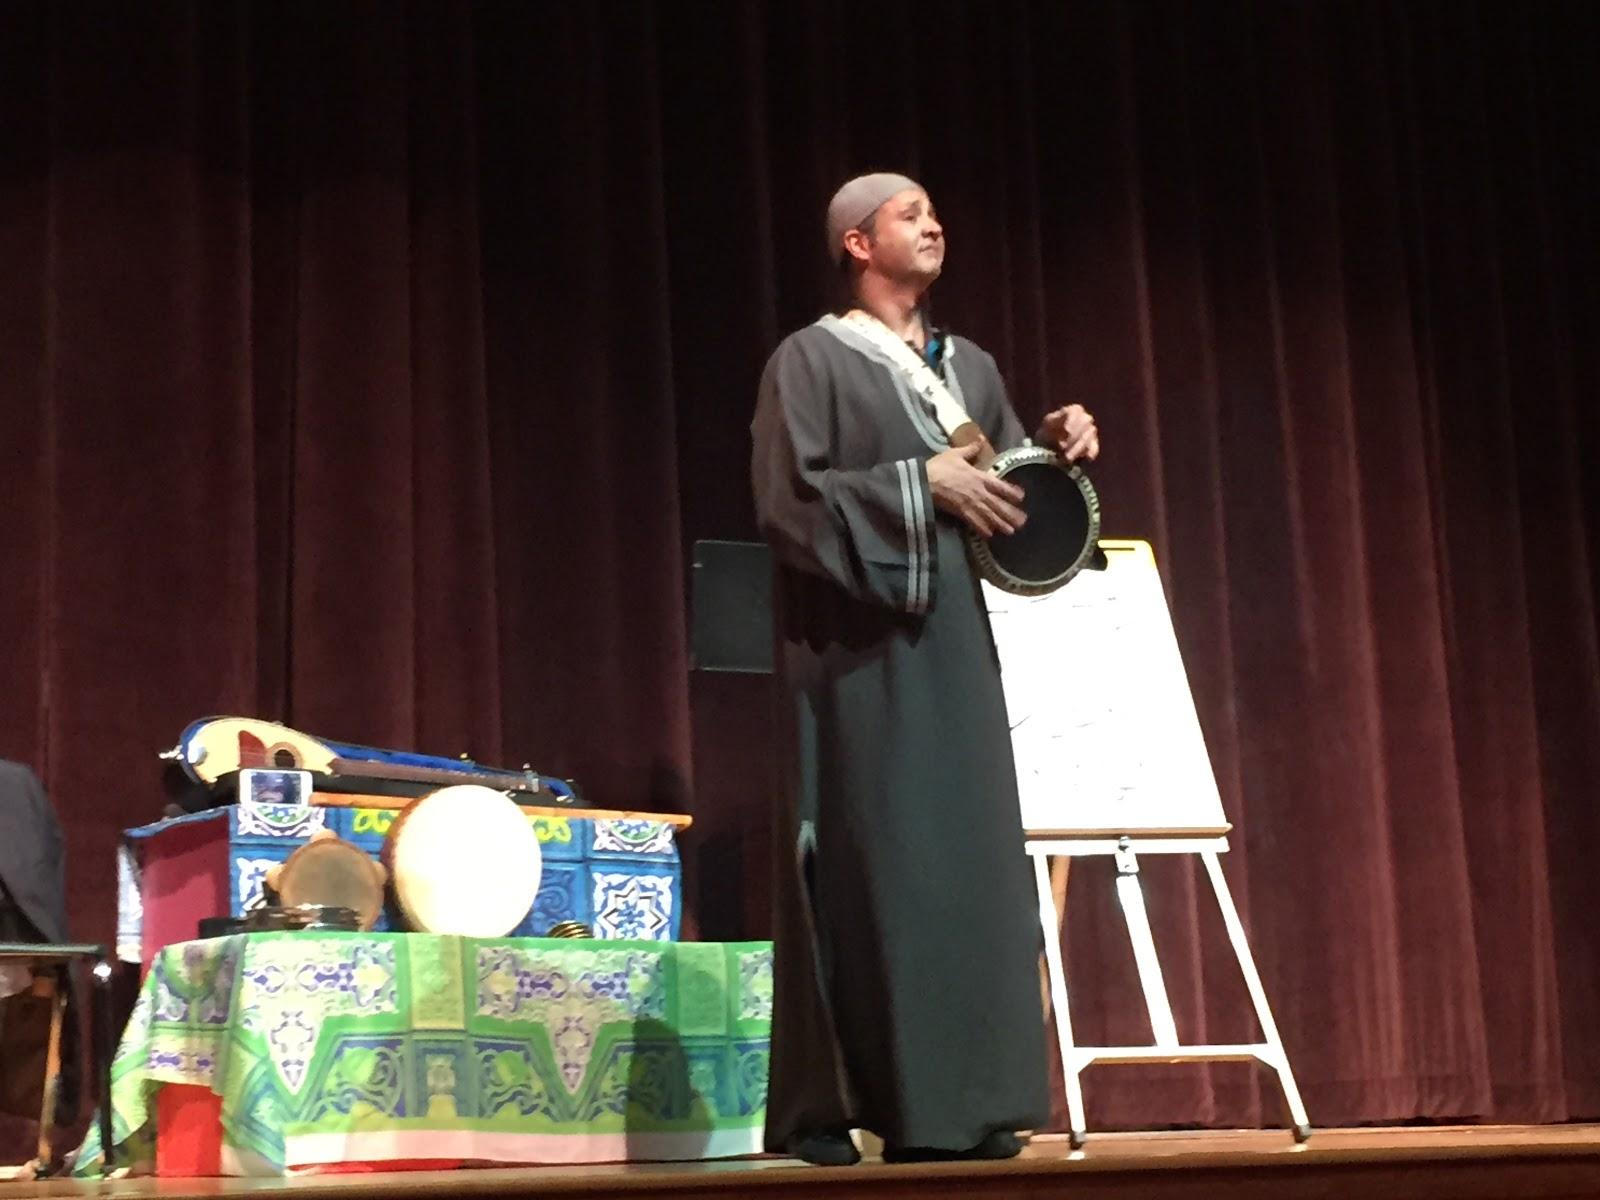 Karim Nagi performing at WHS